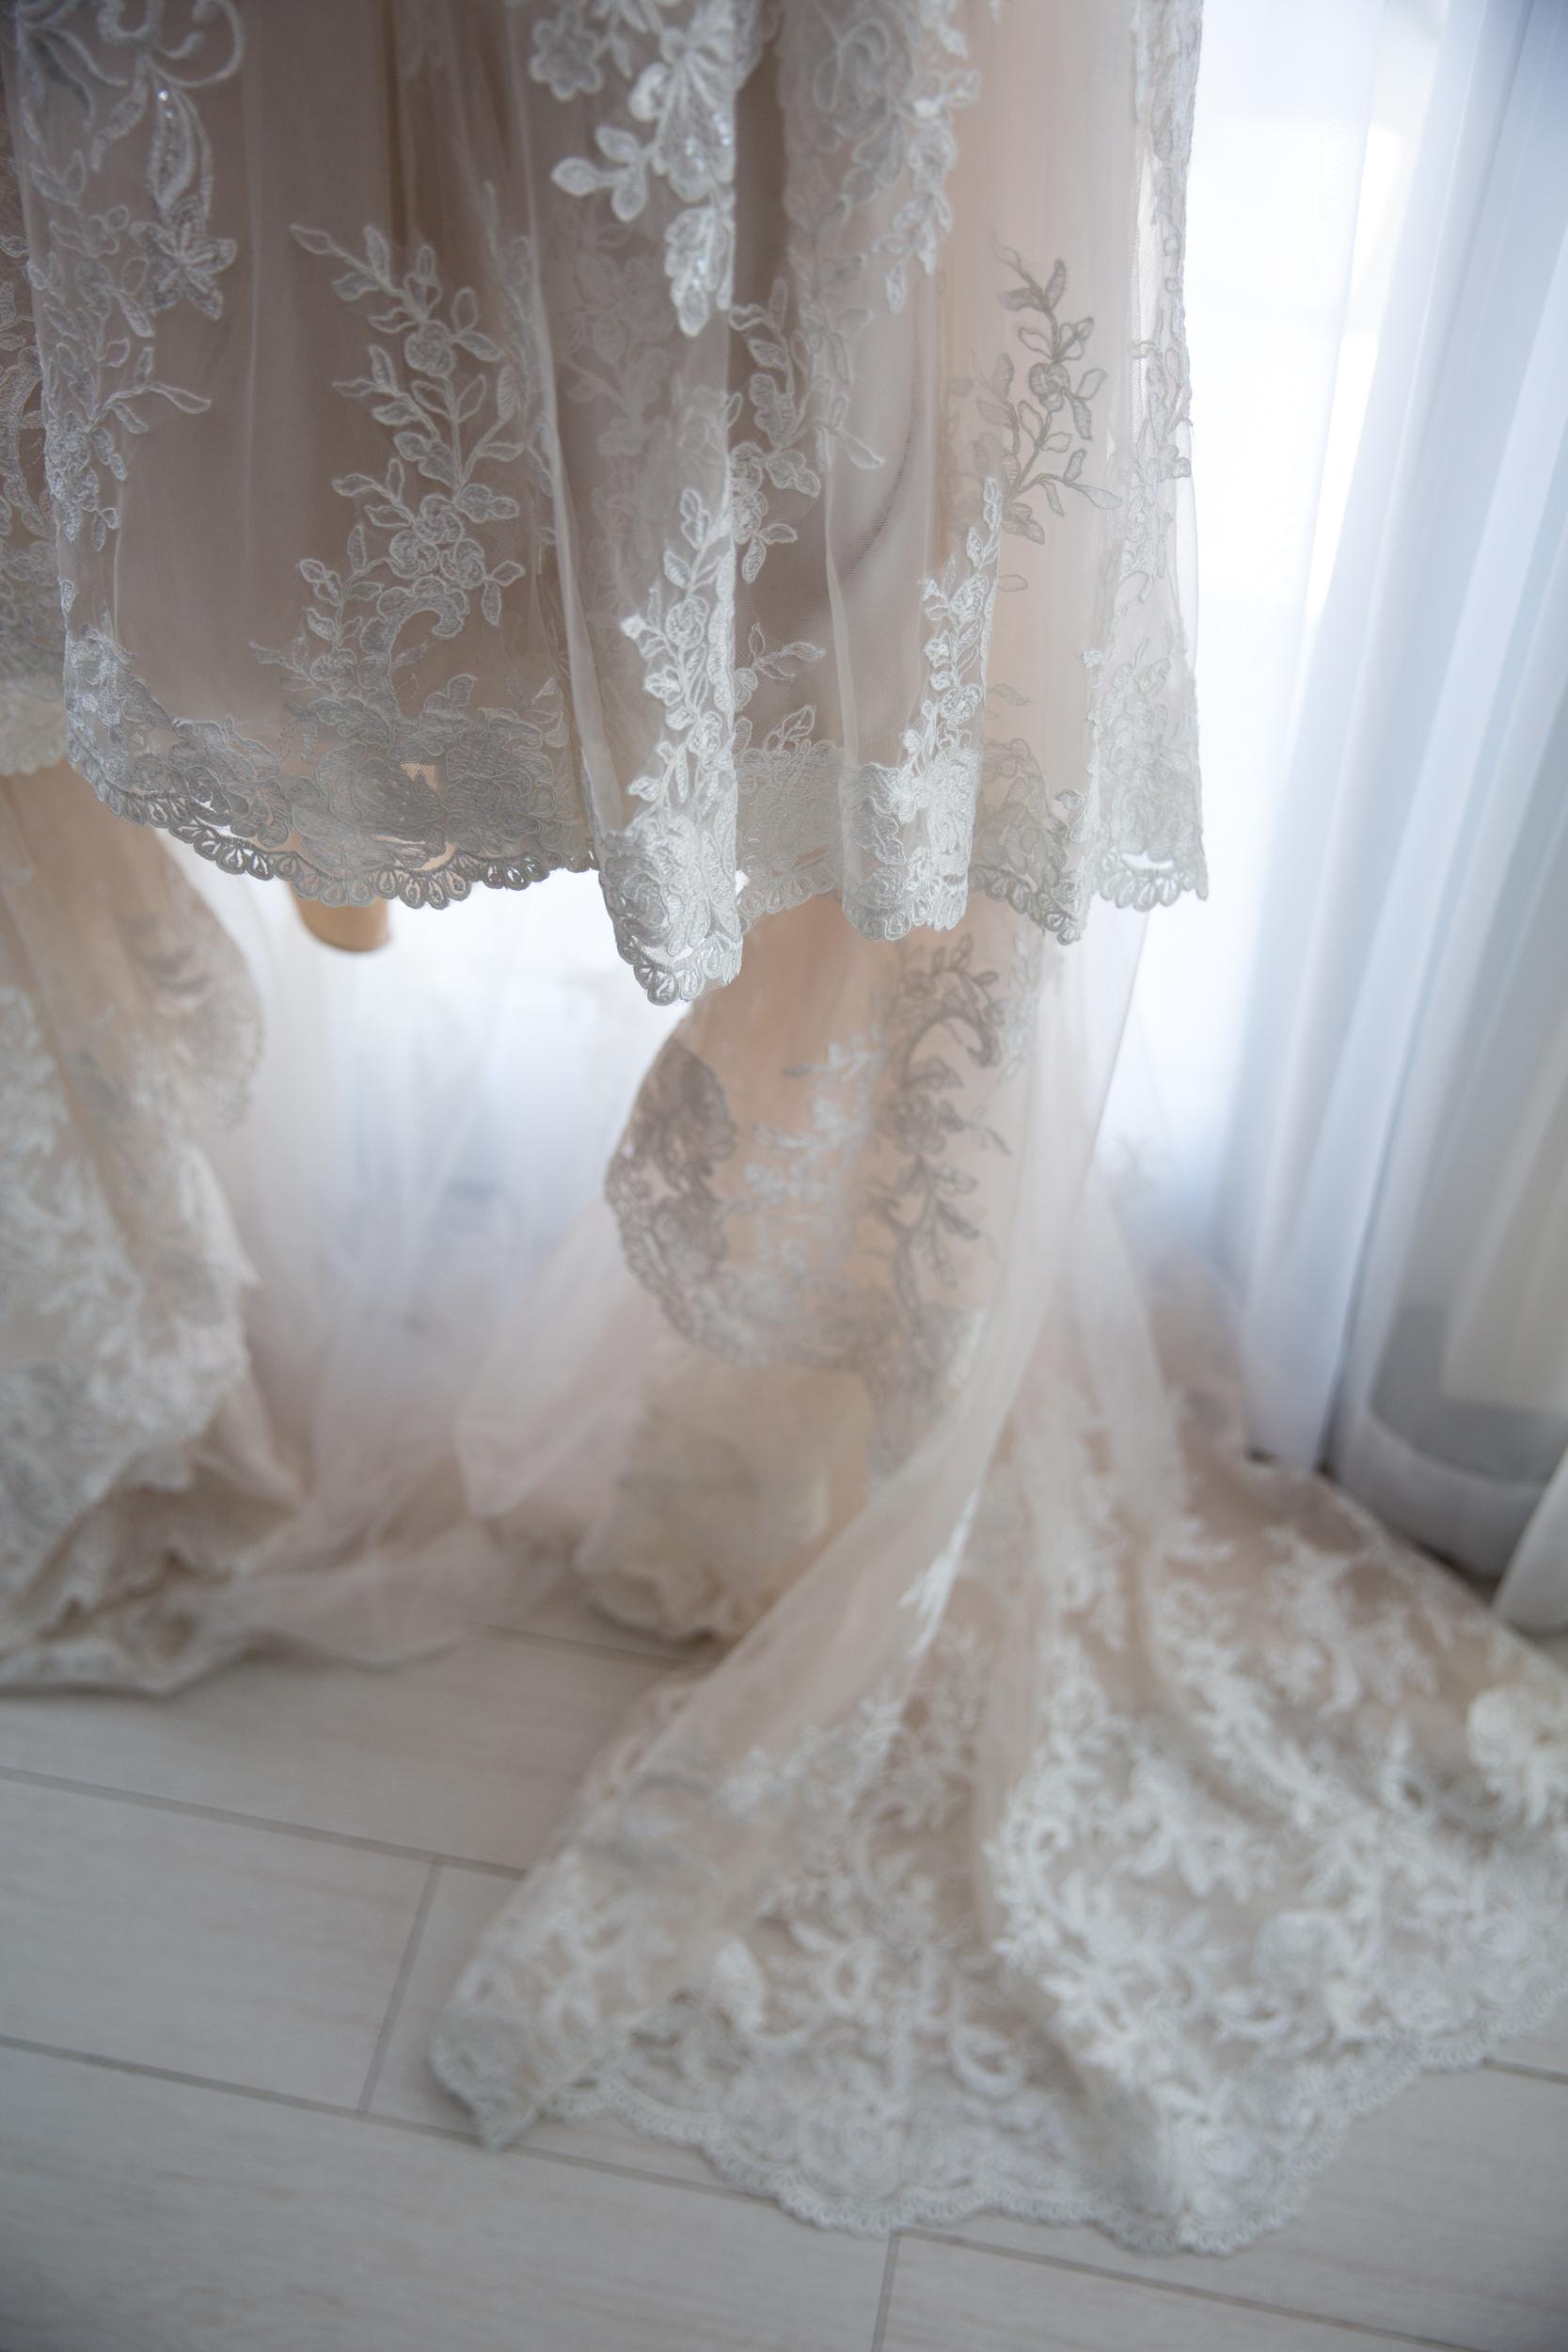 10-14-17_AshleyRichard_Wedding-4.jpg